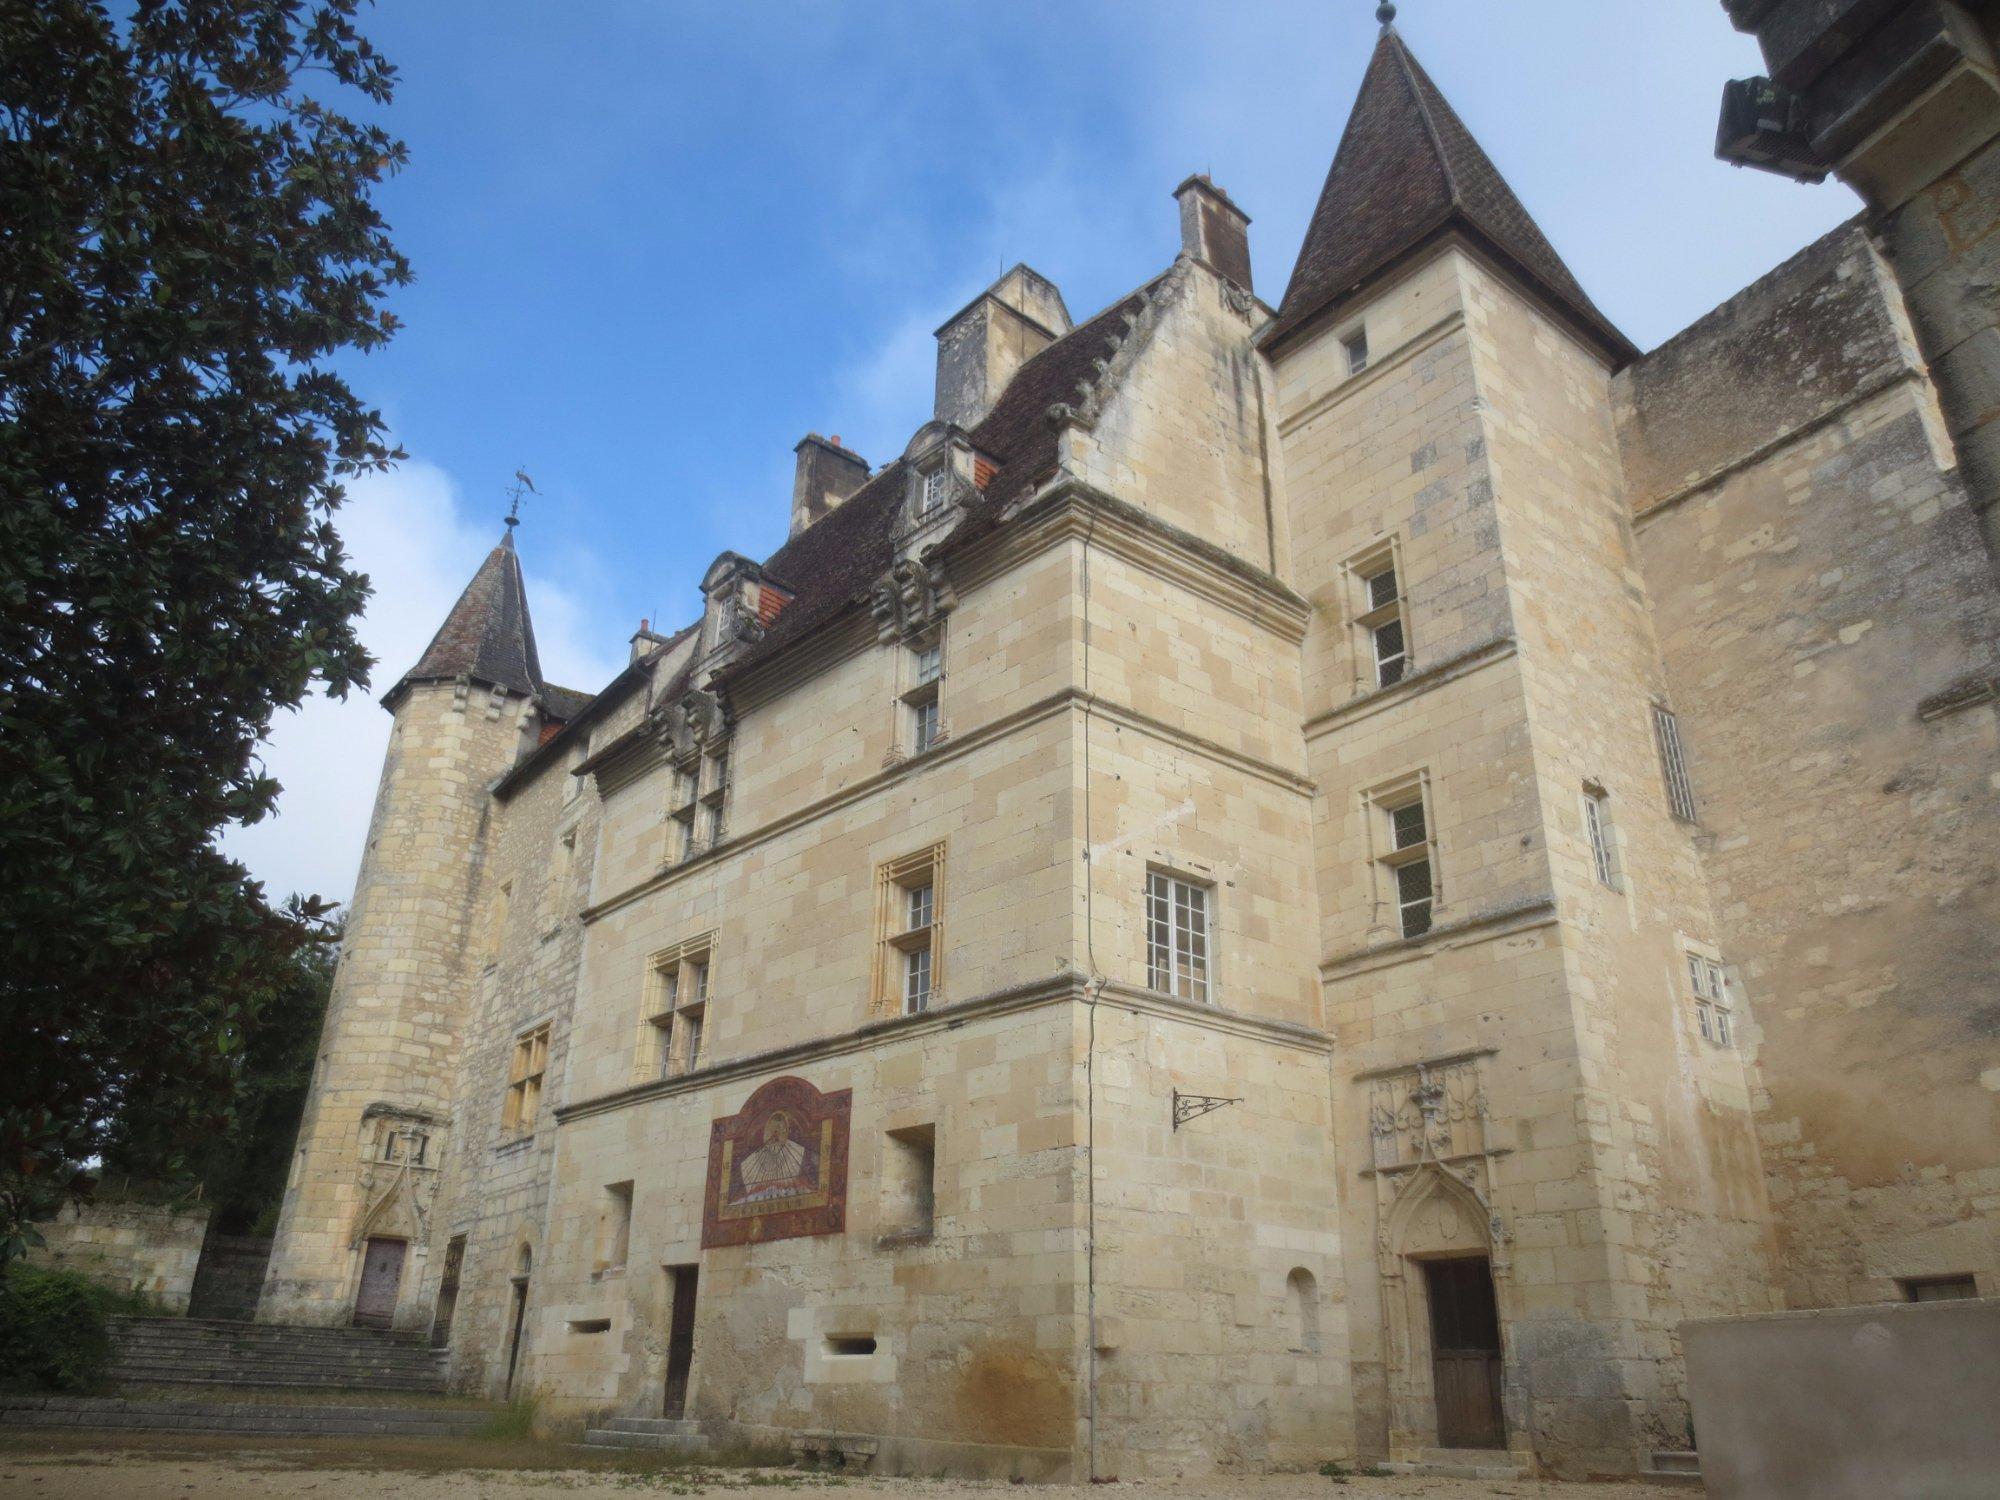 416-chateau-de-chateau-l'eveque.jpg